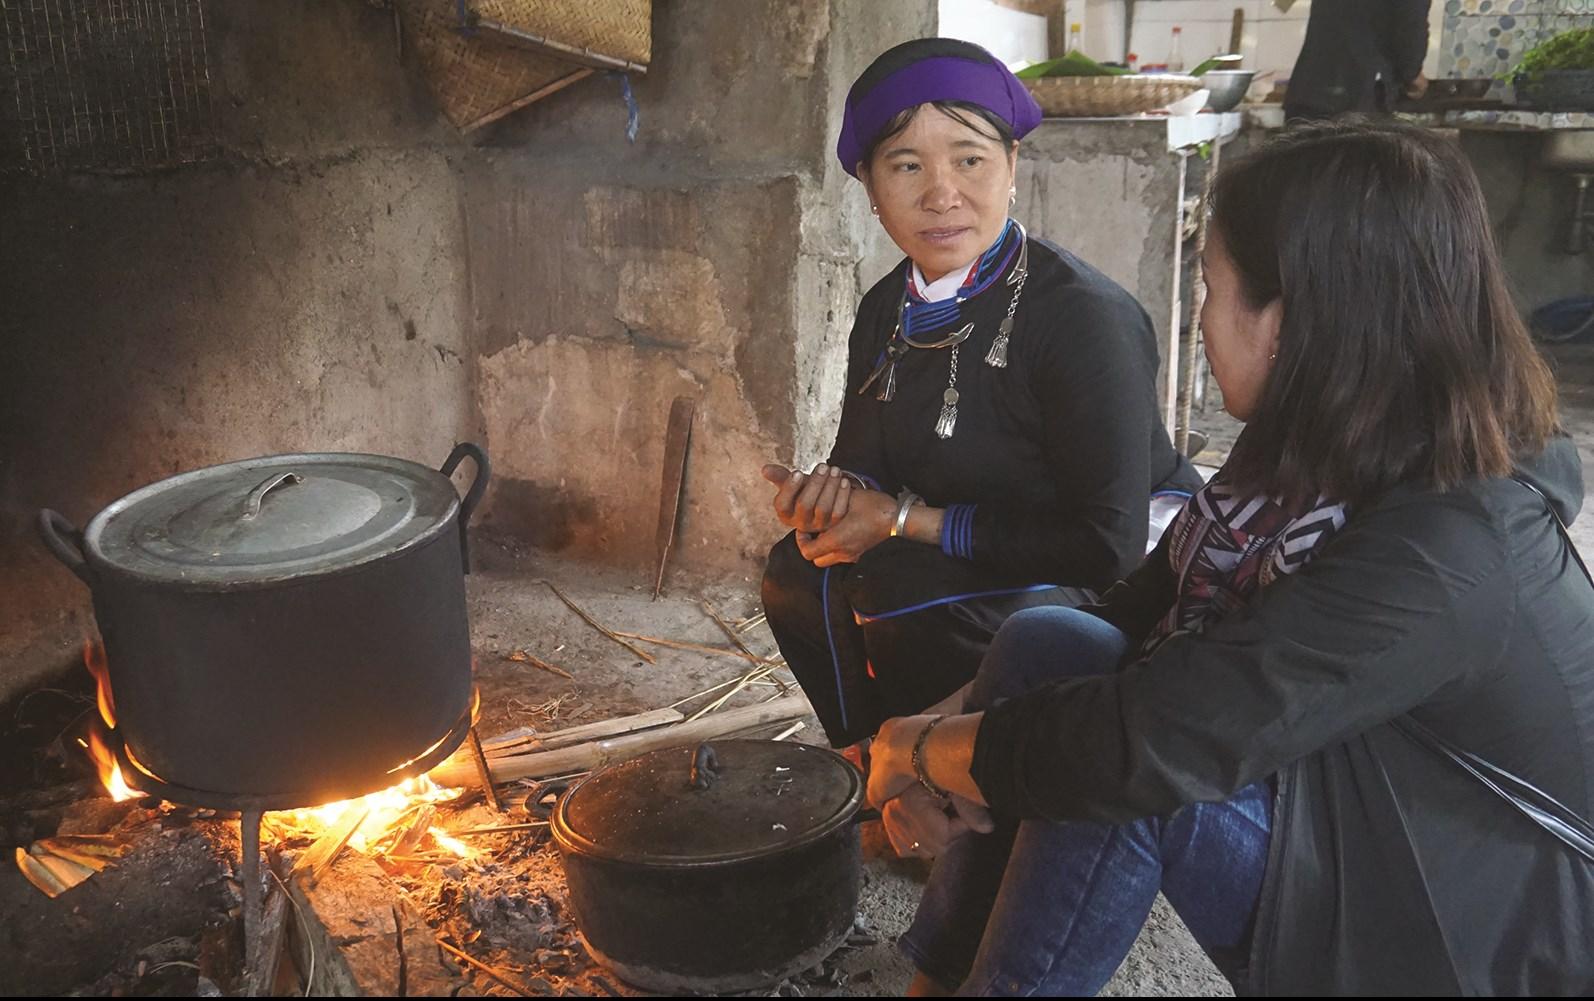 Khách du lịch rất thích tìm hiểu những nét văn hóa đặc sắc của đồng bào các DTTS ở vùng cao Lào Cai